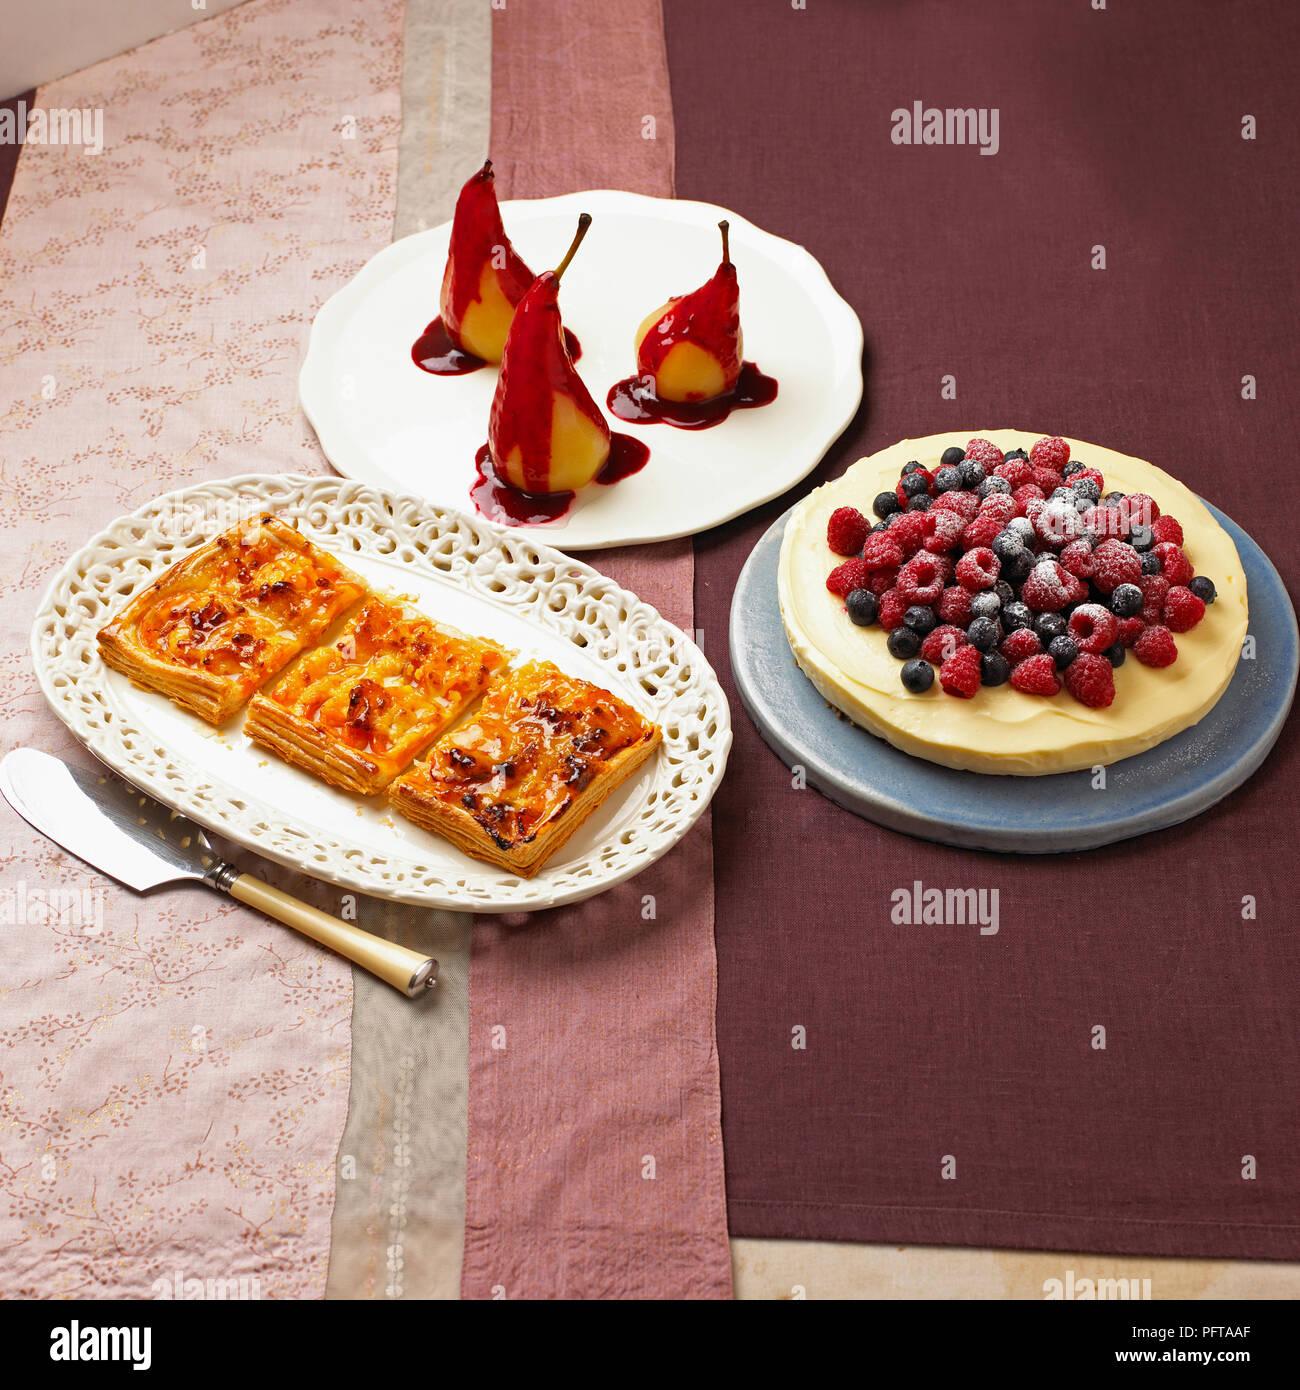 Collection de dessert, tarte aux abricots et amandes galette, confit de poires avec sauce citron cheesecake, surmontées de baies fraîches Photo Stock